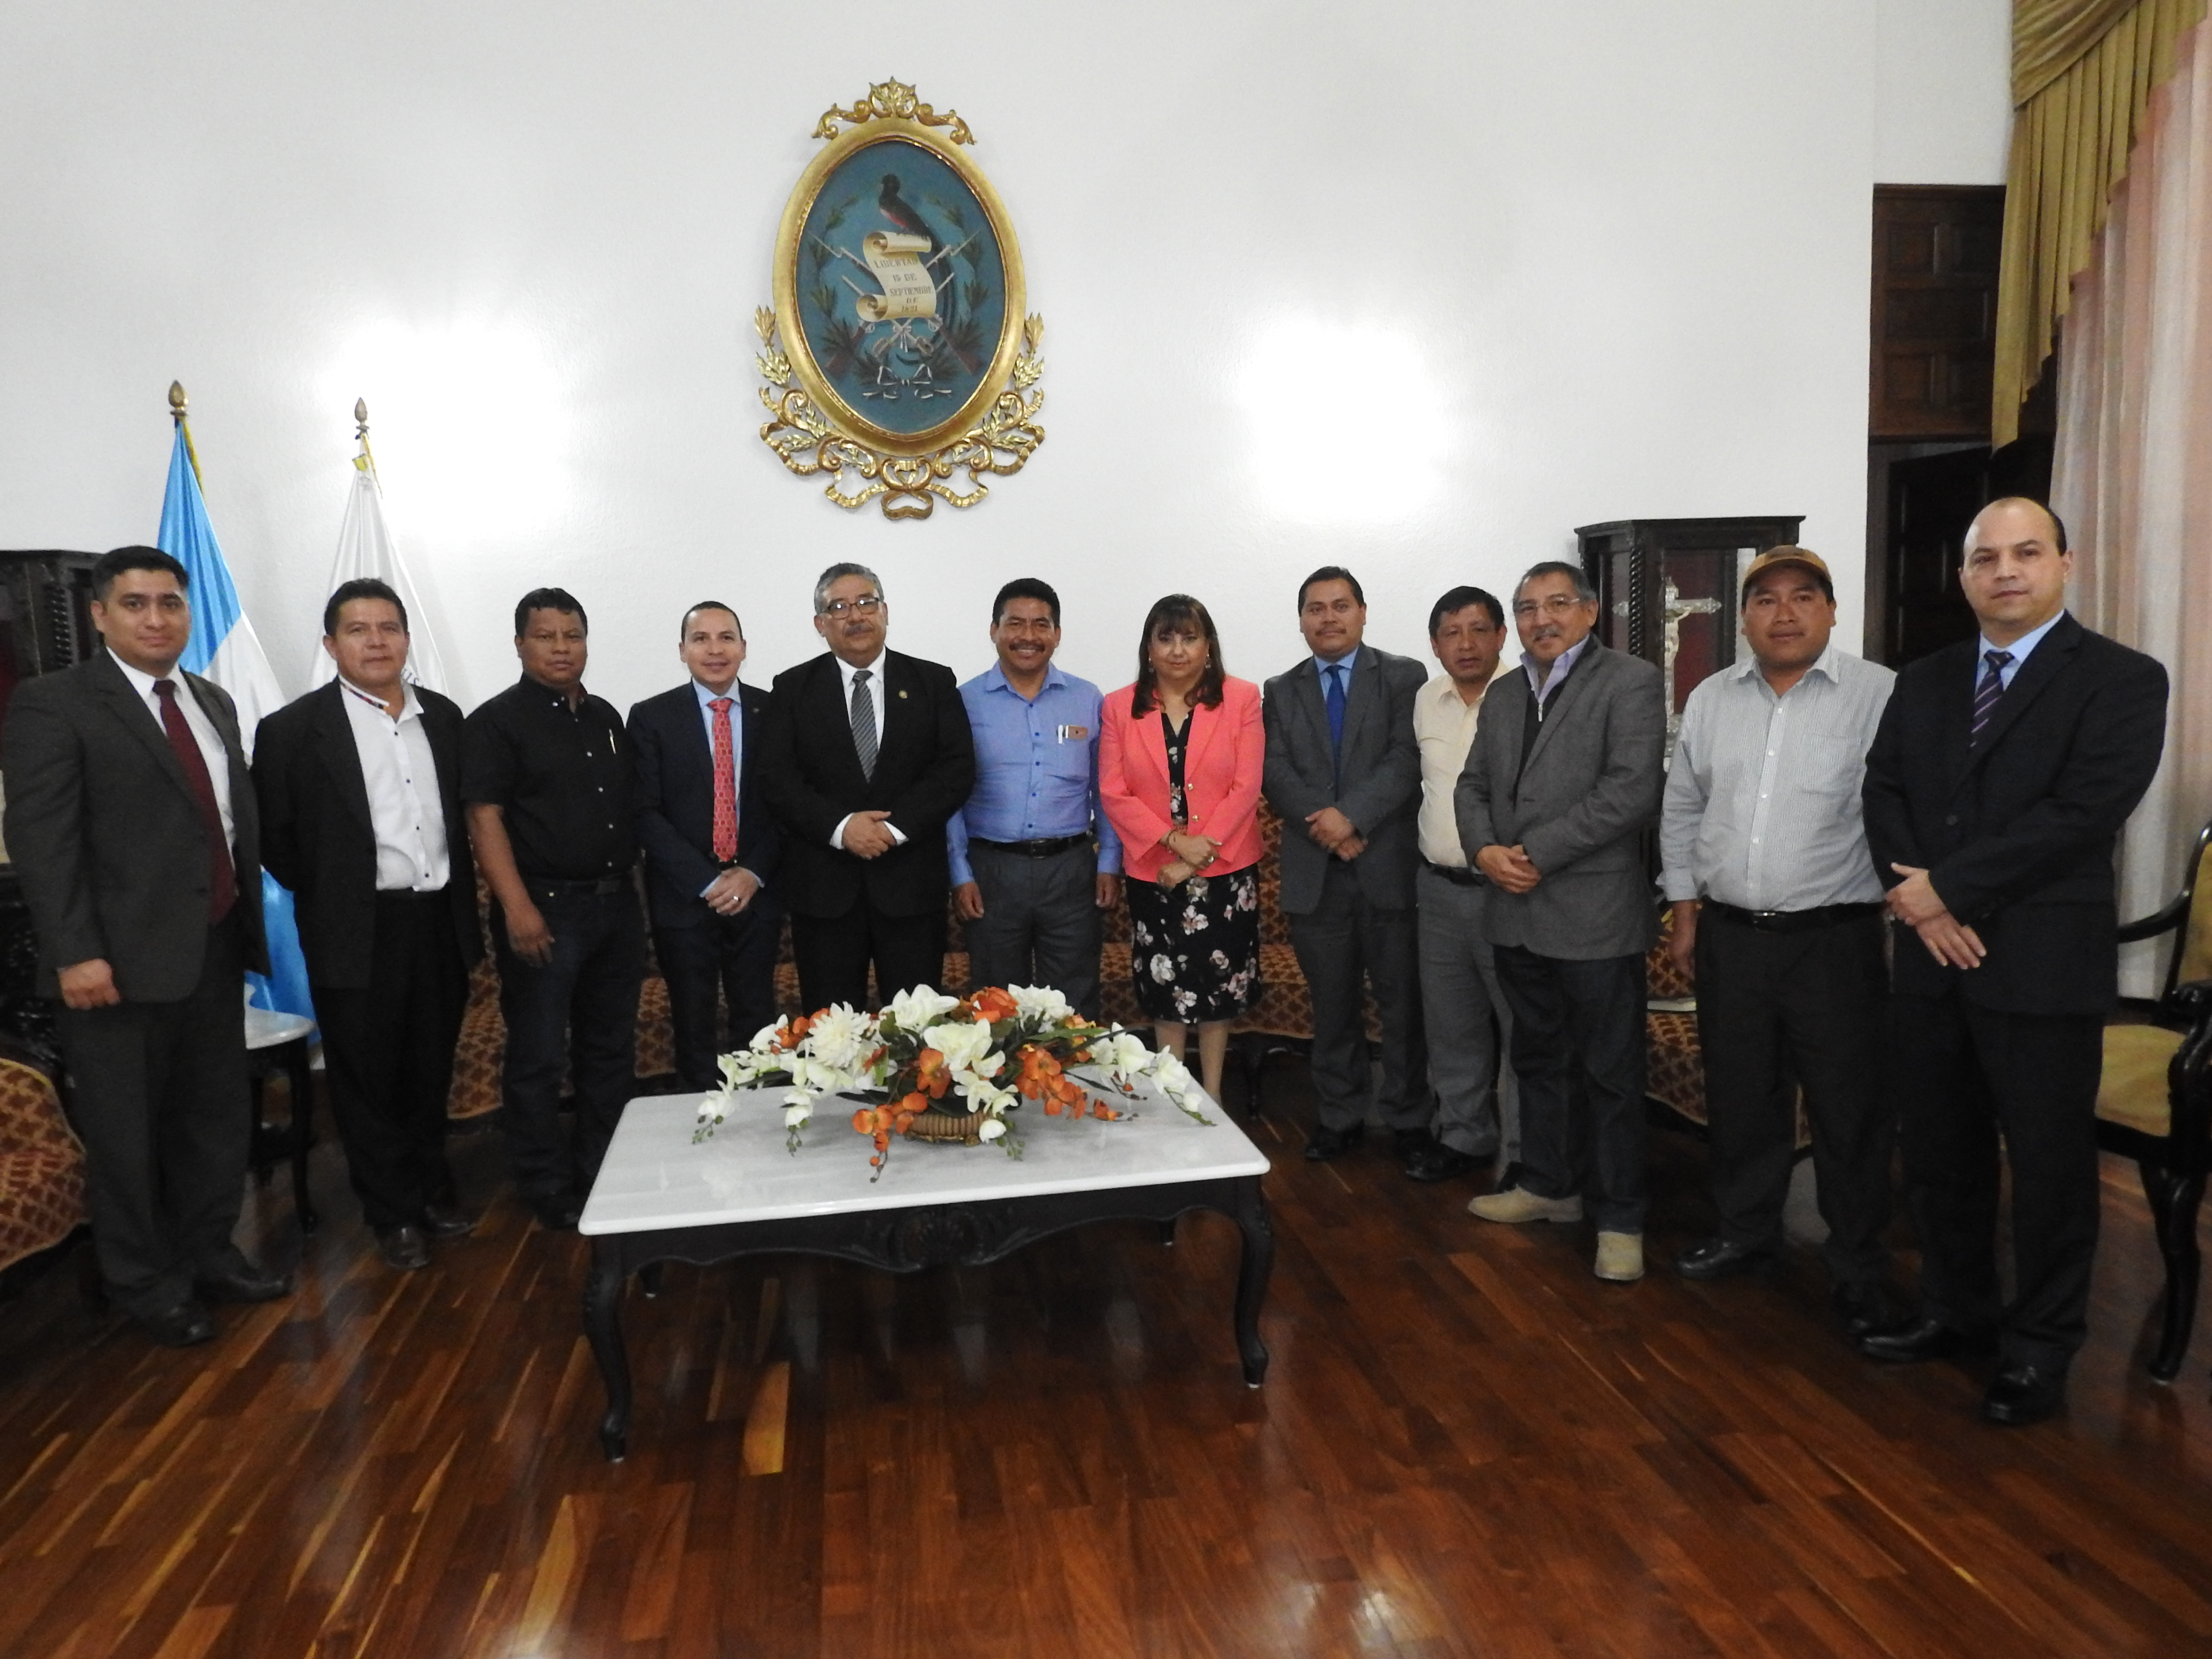 RETORNARÁN AUTORIDADES JUDICIALES AL CENTRO DE ADMINISTRACIÓN DE JUSTICIA UBICADO EN SANTA EULALIA, HUEHUETENANGO